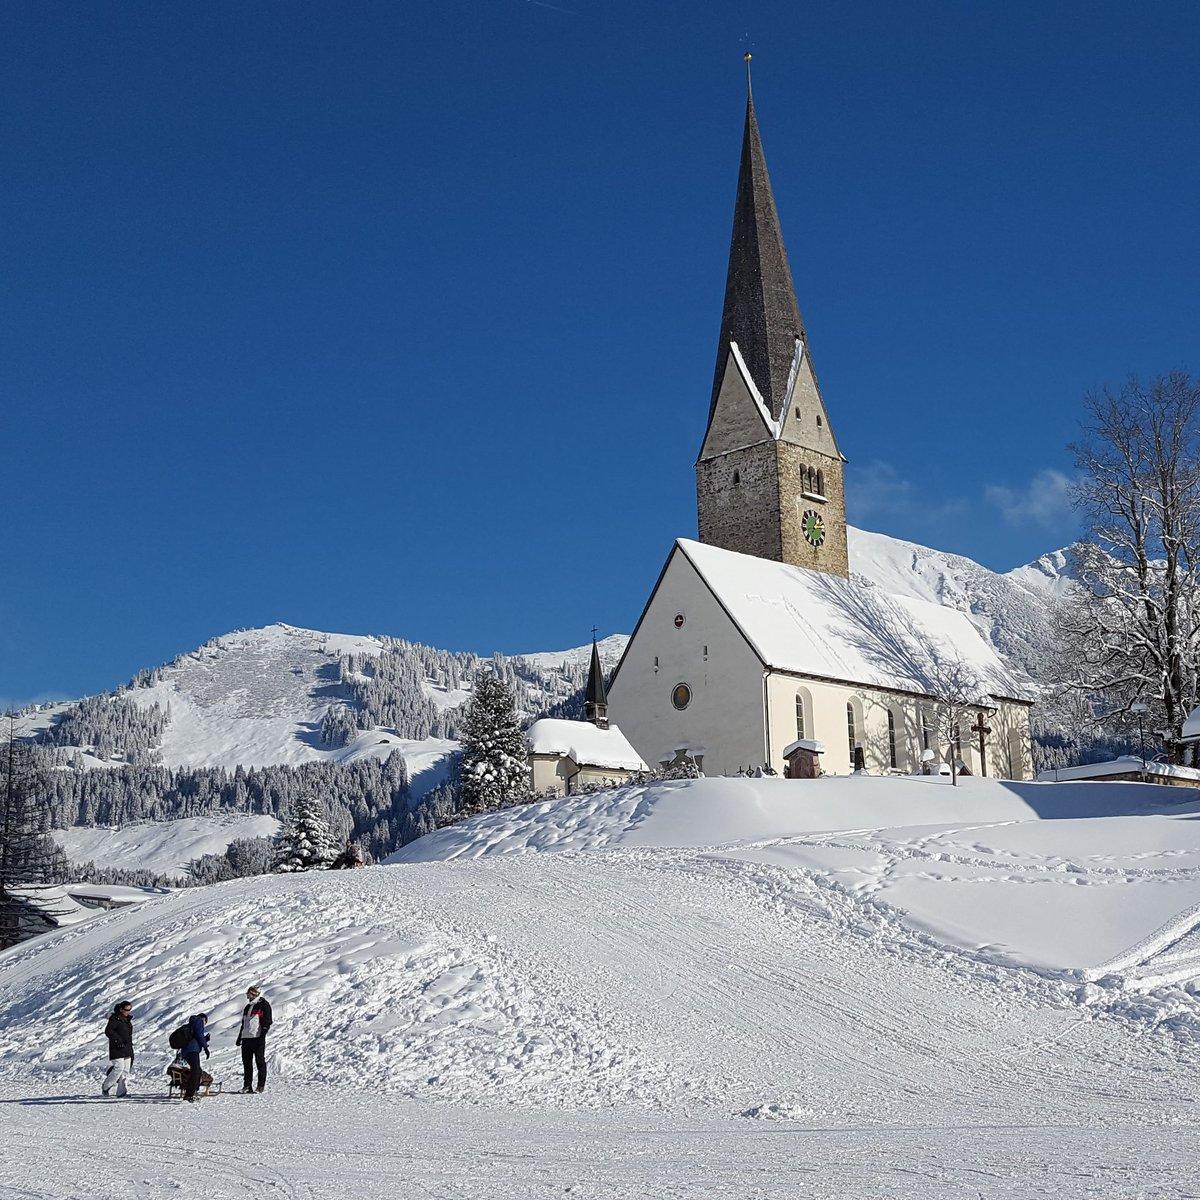 """Haus Berge: Haus Walser Berge On Twitter: """"Winter In Kleinwalsertal"""